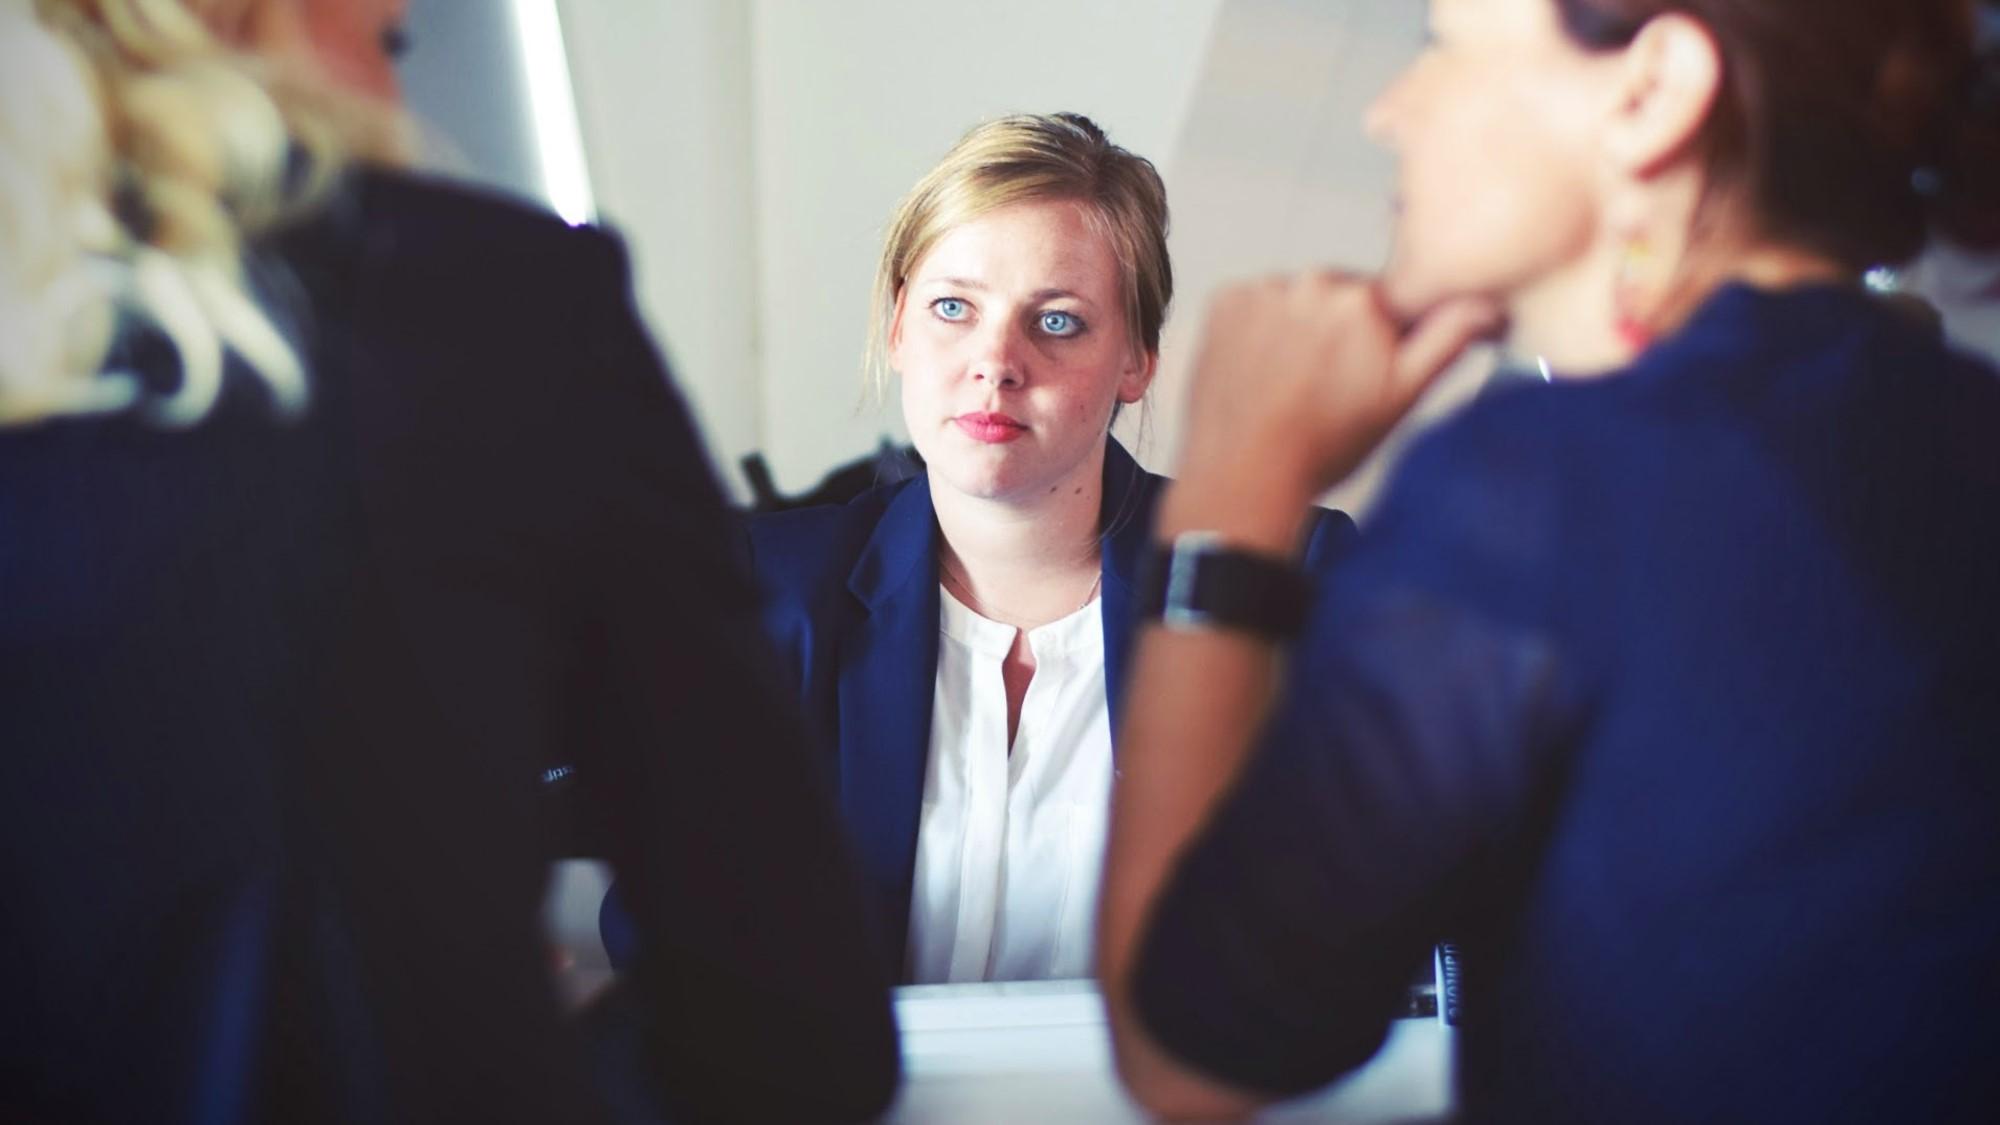 Saham Atau Reksa Dana, Mana yang Pas Untuk Investor Pemula?